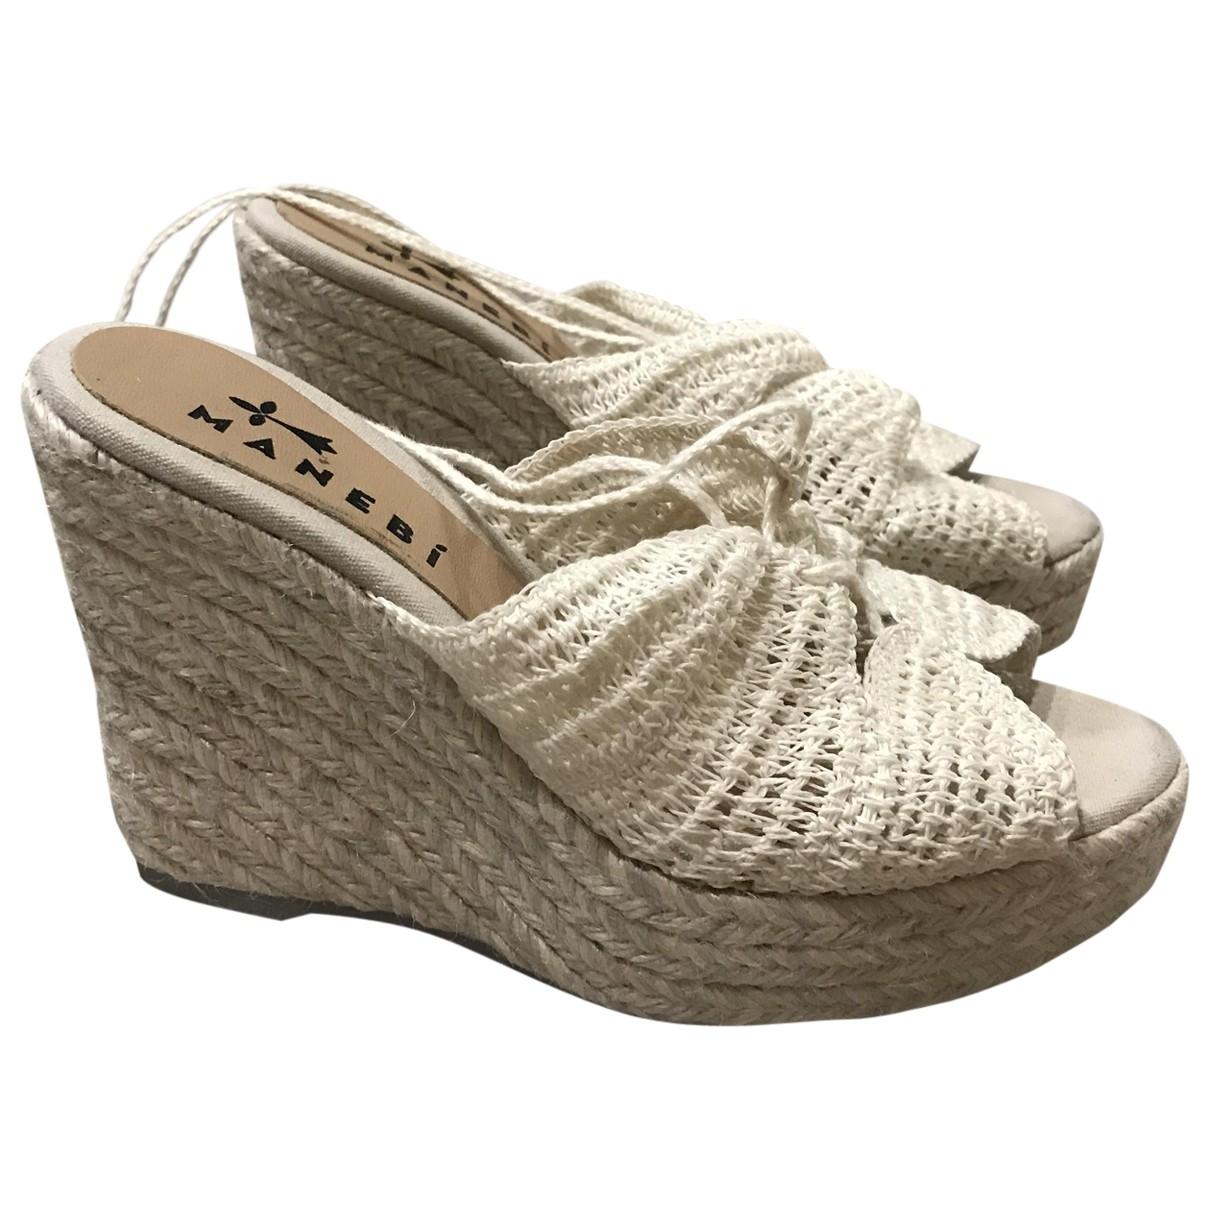 Sandalias de Lona Manebi